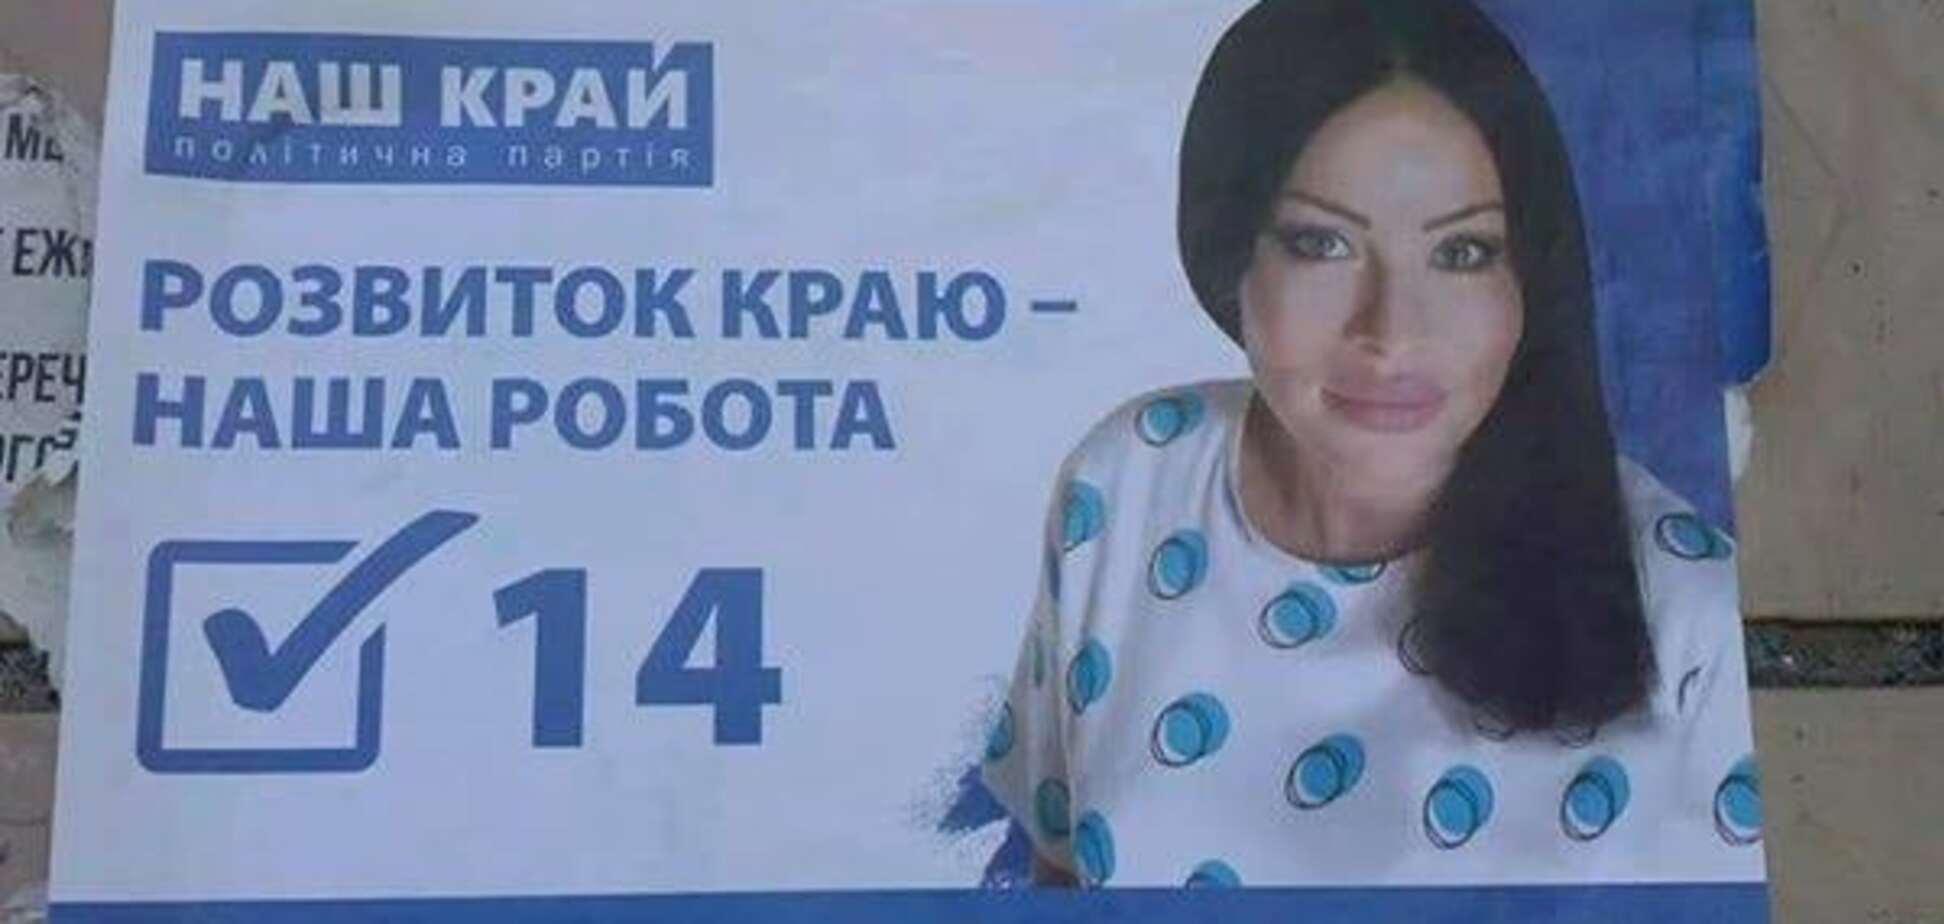 Перекреативили: блогер собрал самые смешные предвыборные борды